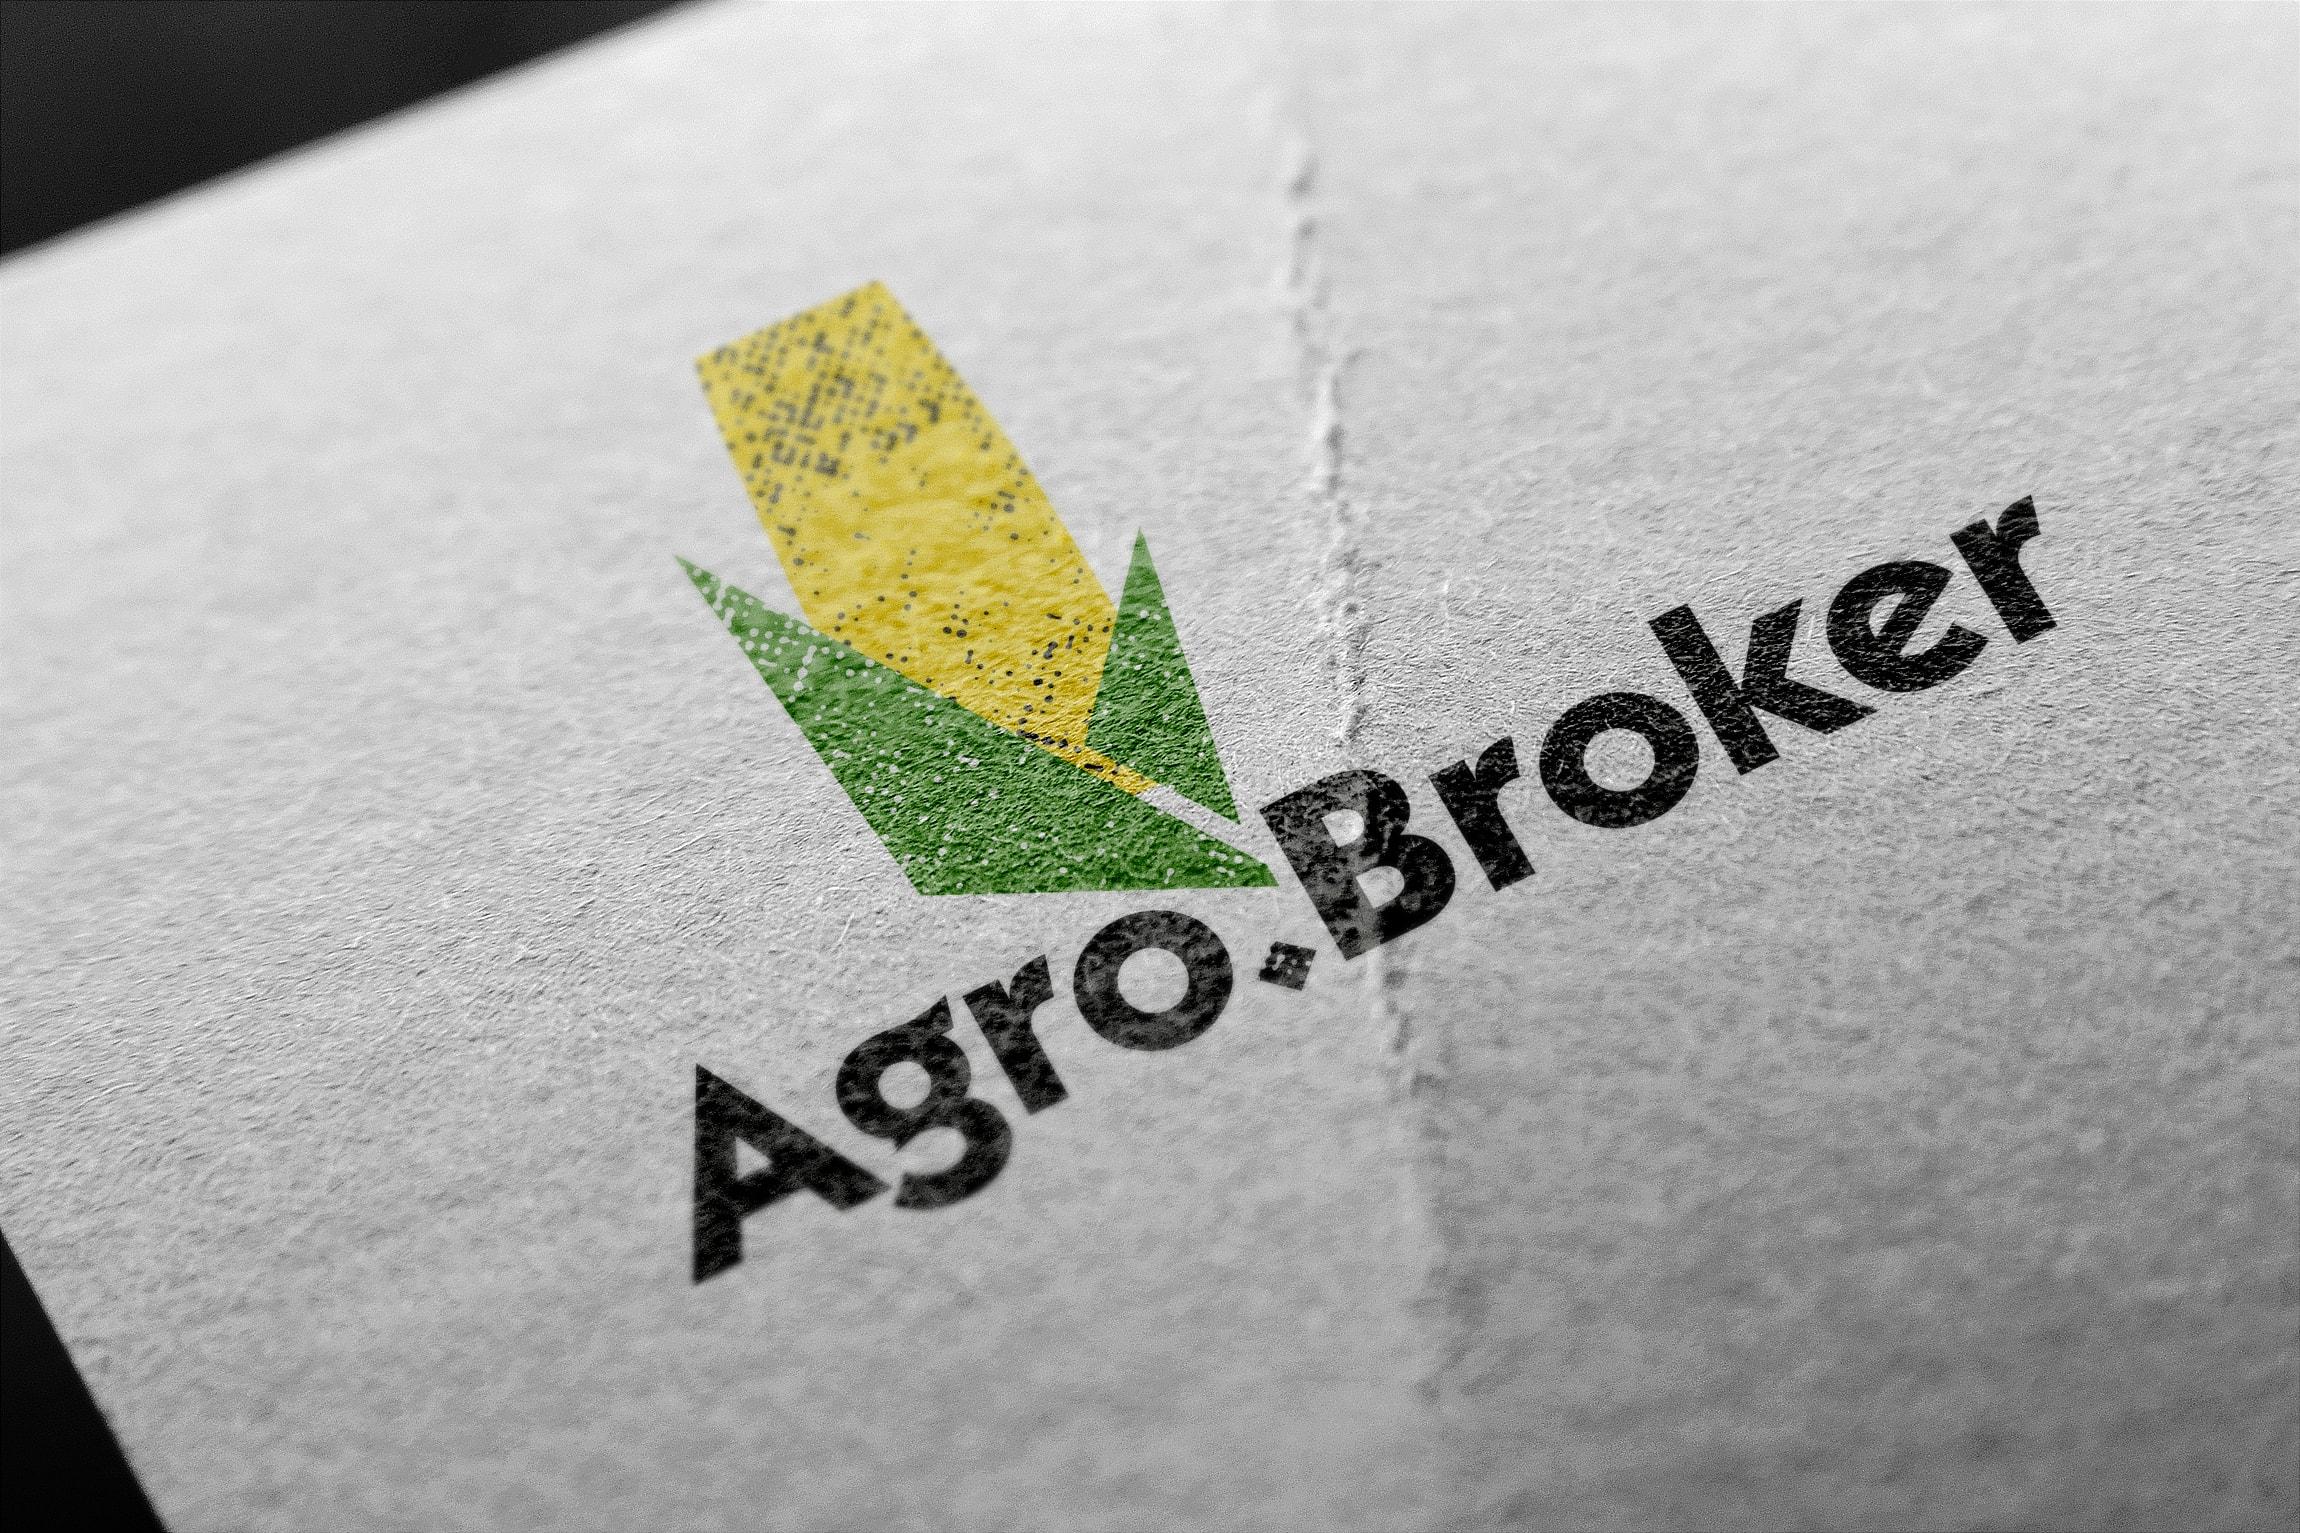 ТЗ на разработку пакета айдентики Agro.Broker фото f_5465971df0a27c1e.jpg